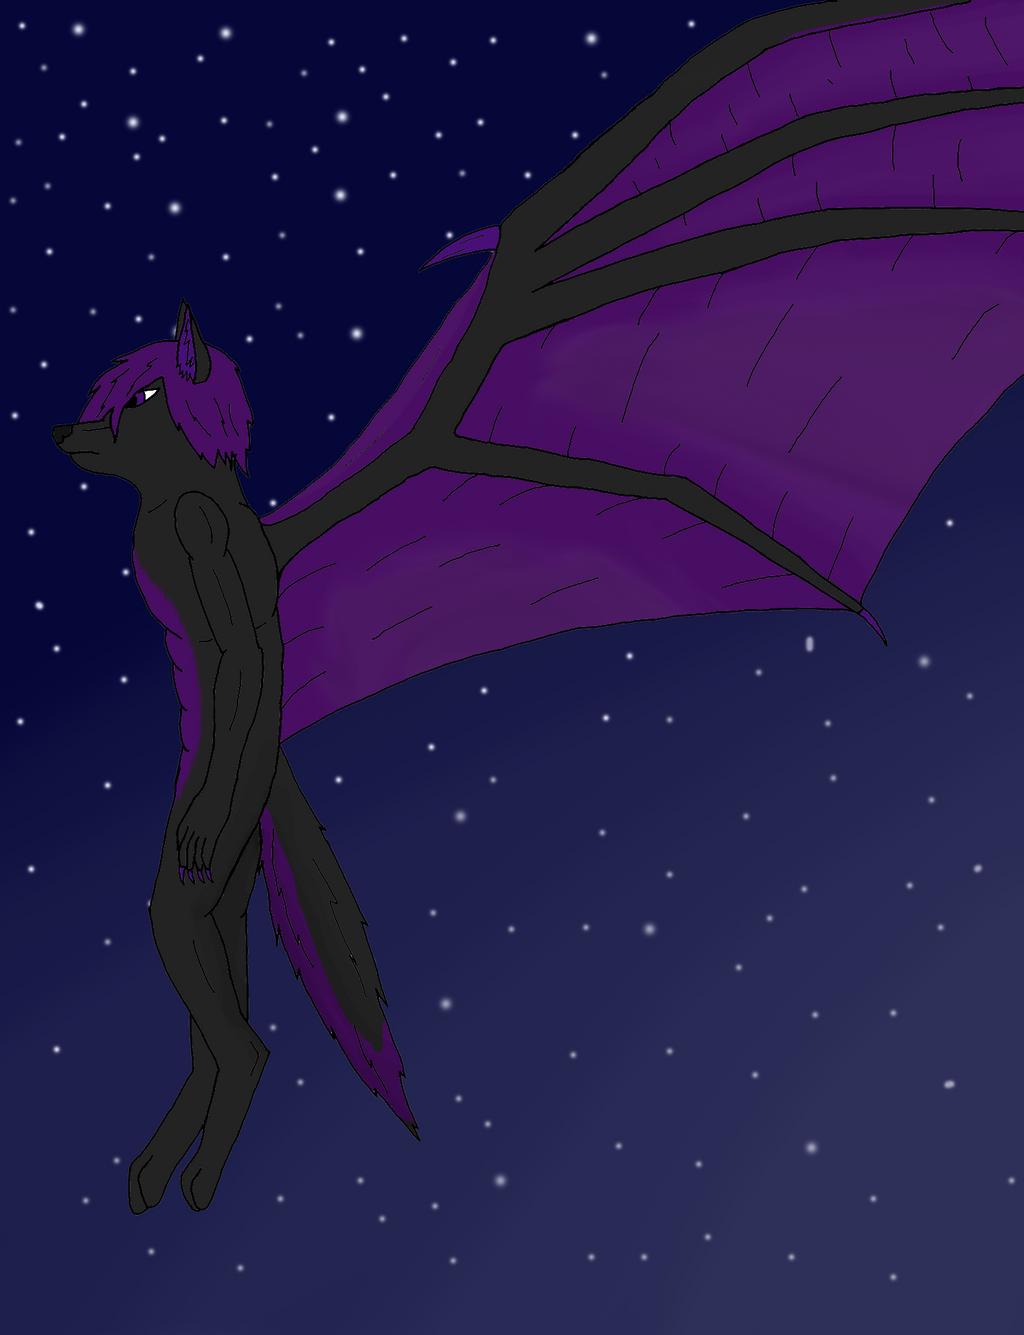 Winged Wolf Fursona Nashatok, the Winged W...